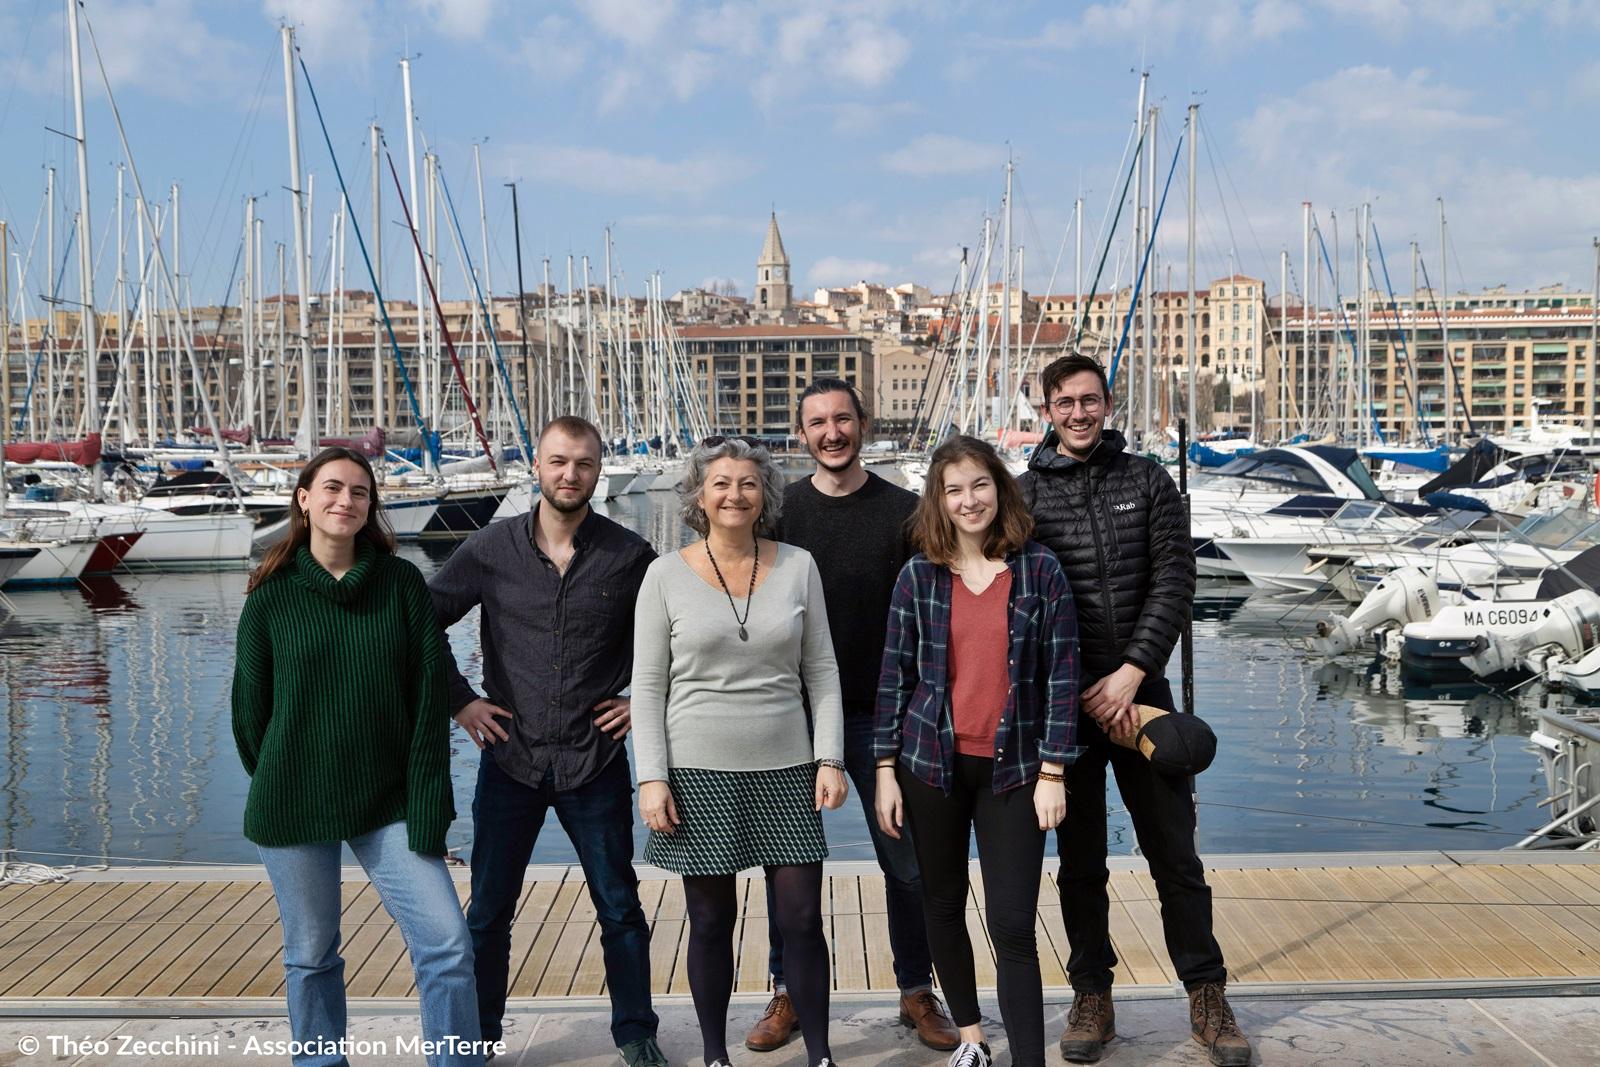 De gauche à droite : Laurine Fouquereau, Melvin Perrottet, Isabelle Poitou, Florian Cornu, Inès Girault, Théo Zecchini -  ©Théo Zecchini